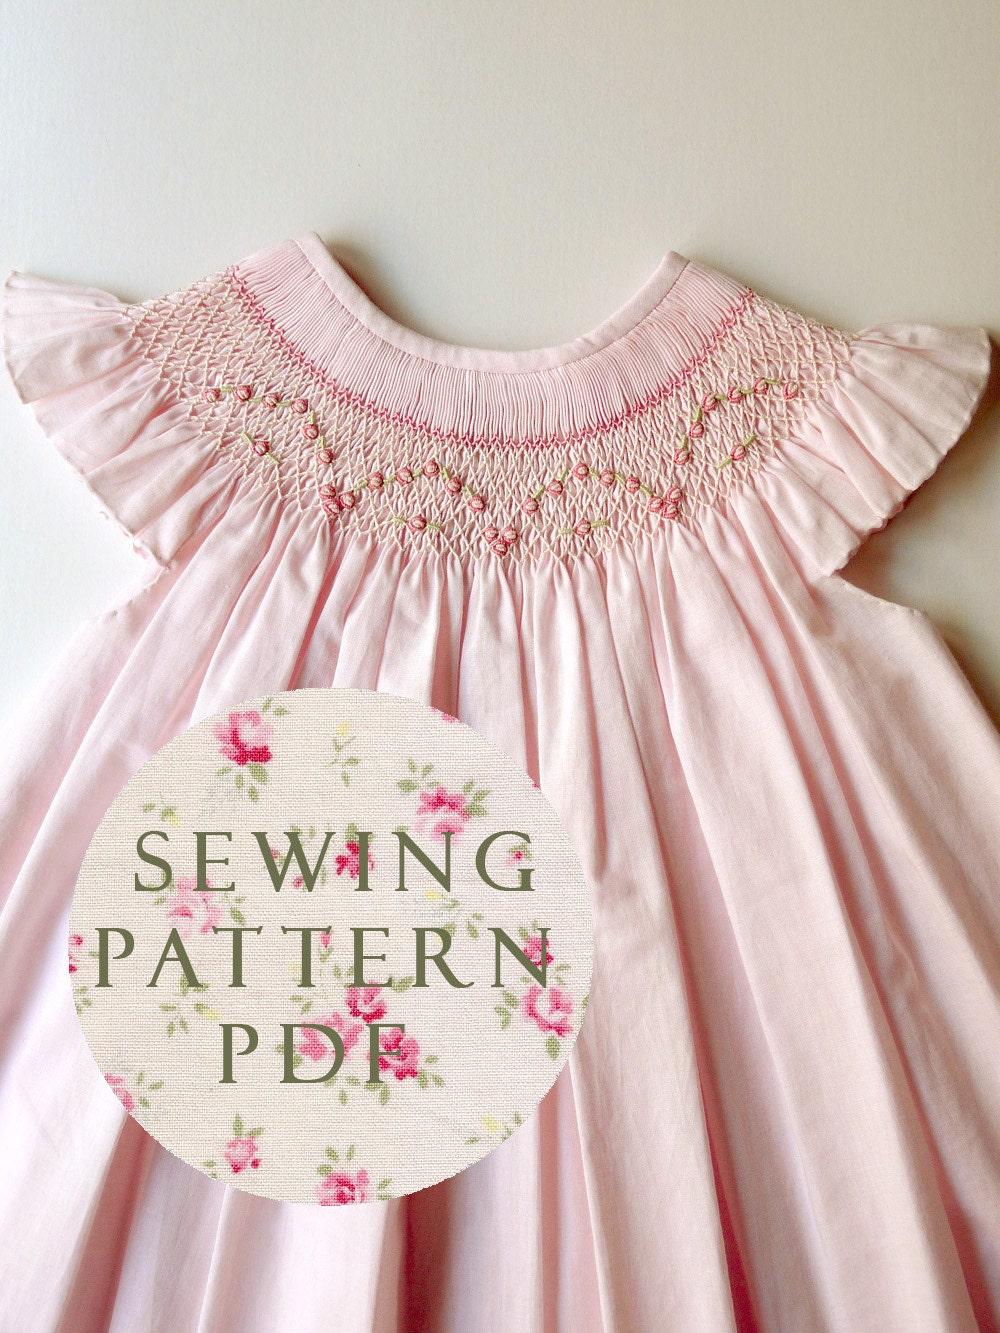 The Charming Bishop Dress 1 Year Sewing Pdf Pattern